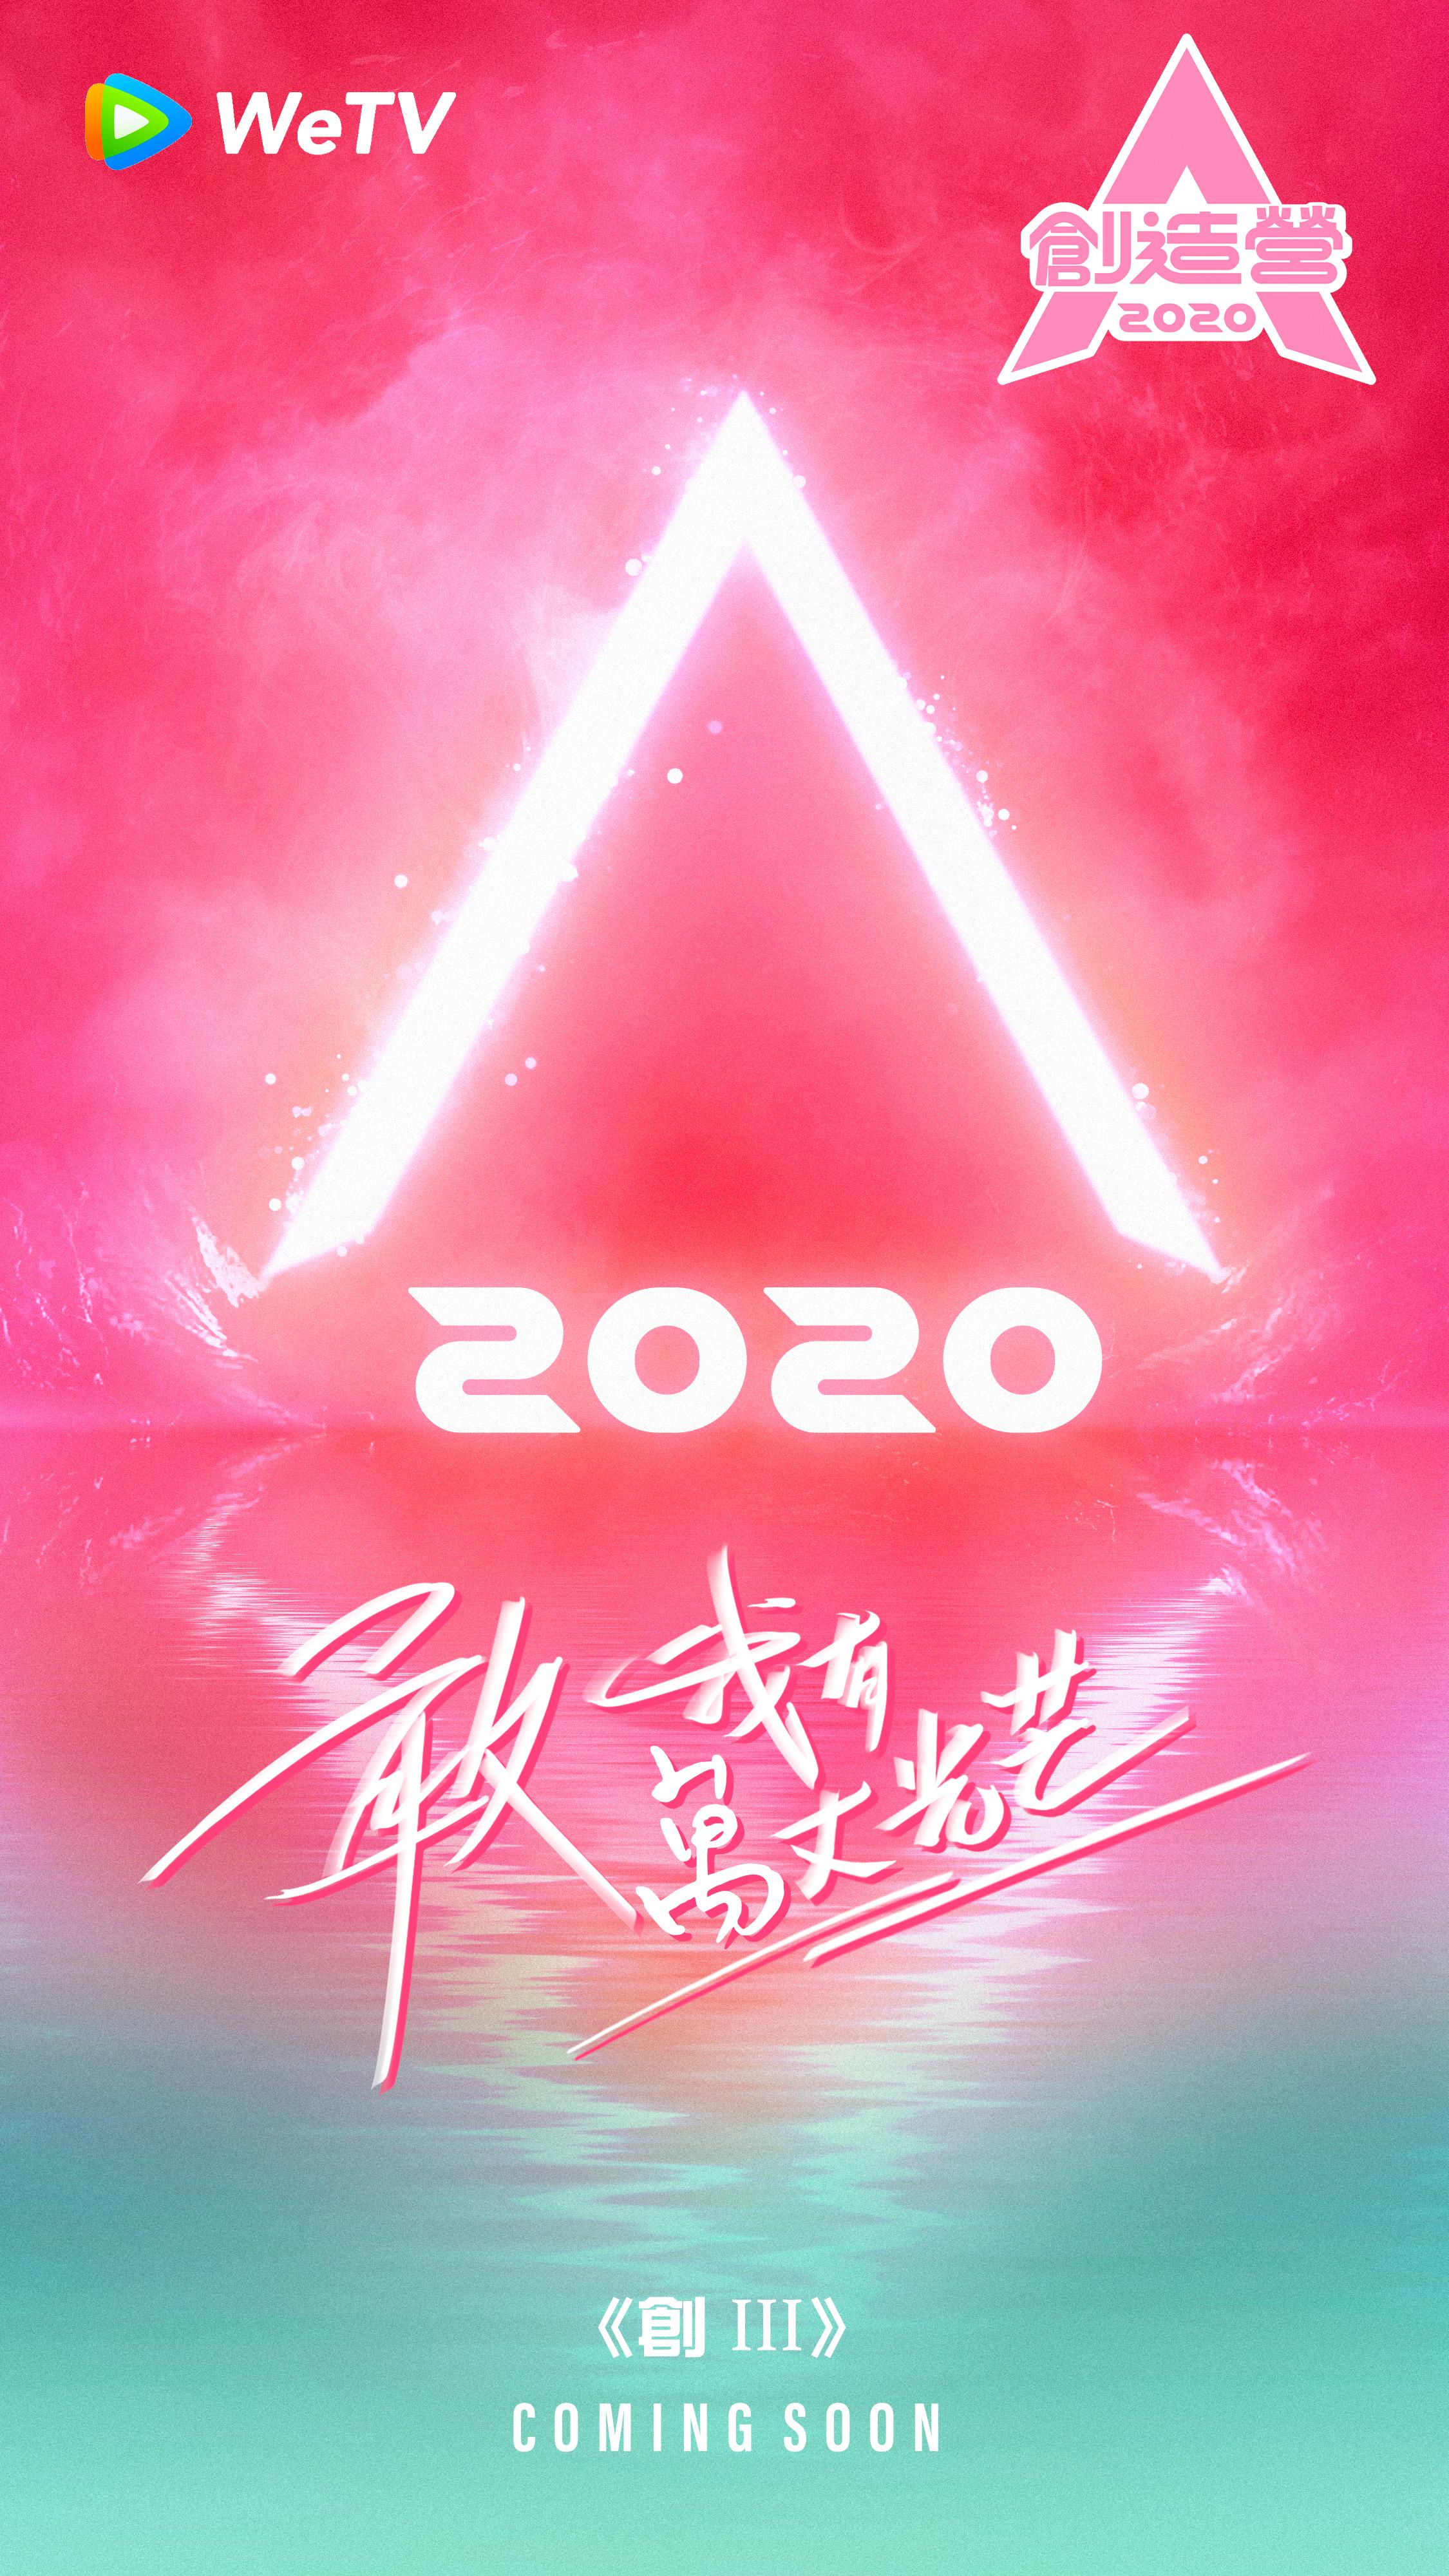 期待值爆棚!《創造營2020》明星學長來襲 網曝「2大台灣男星」加盟!